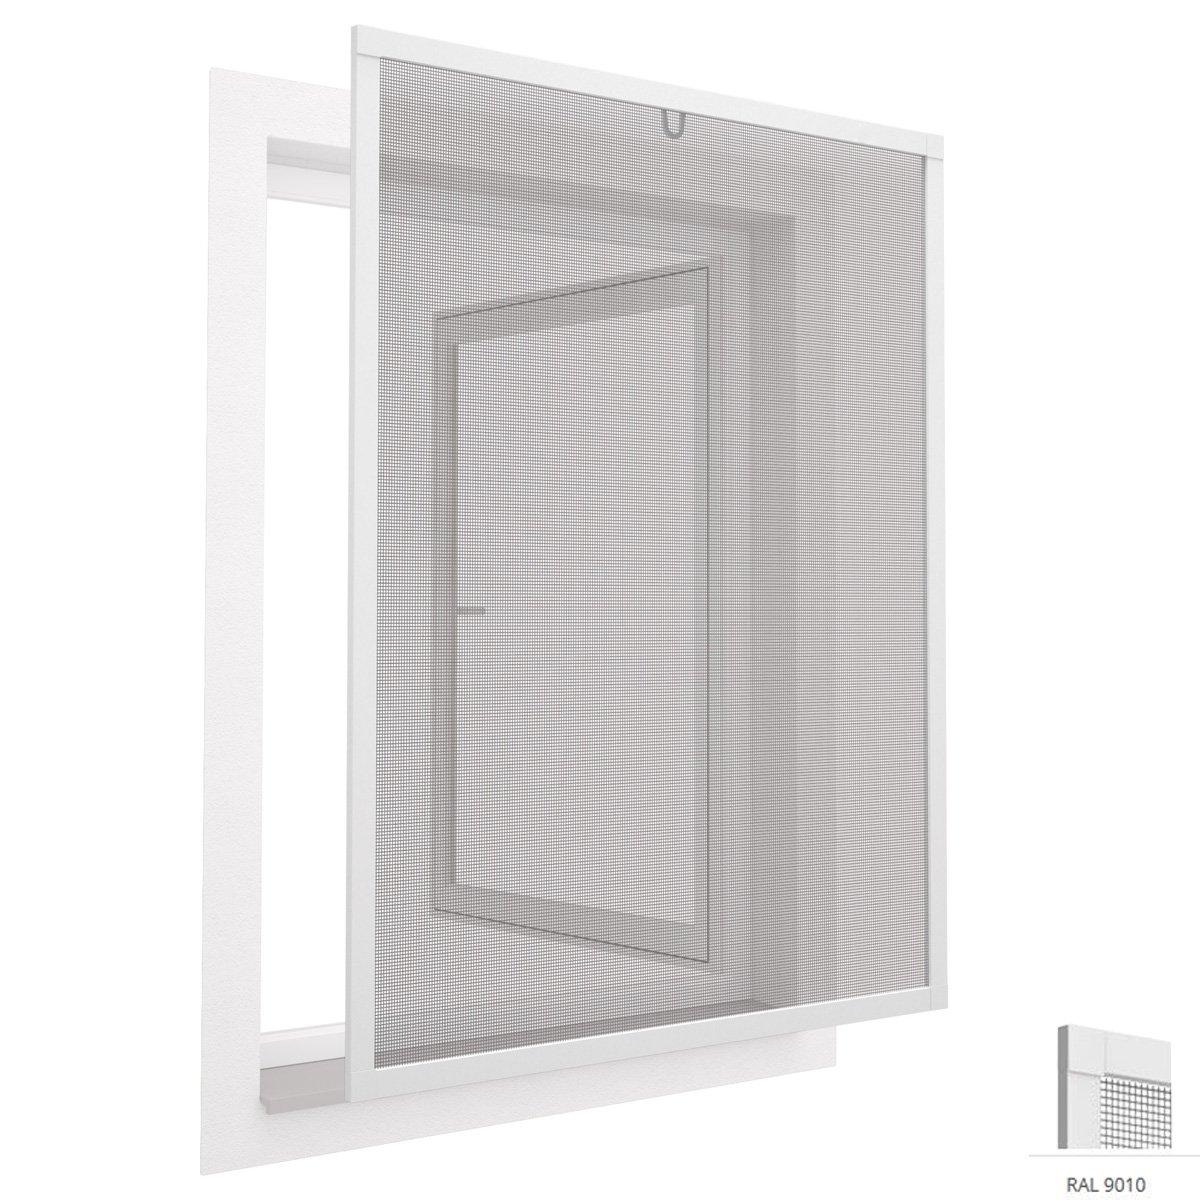 easylife 000-2011 - Mosquitera para ventanas (100 x 120 cm, con marco de aluminio): Amazon.es: Bricolaje y herramientas